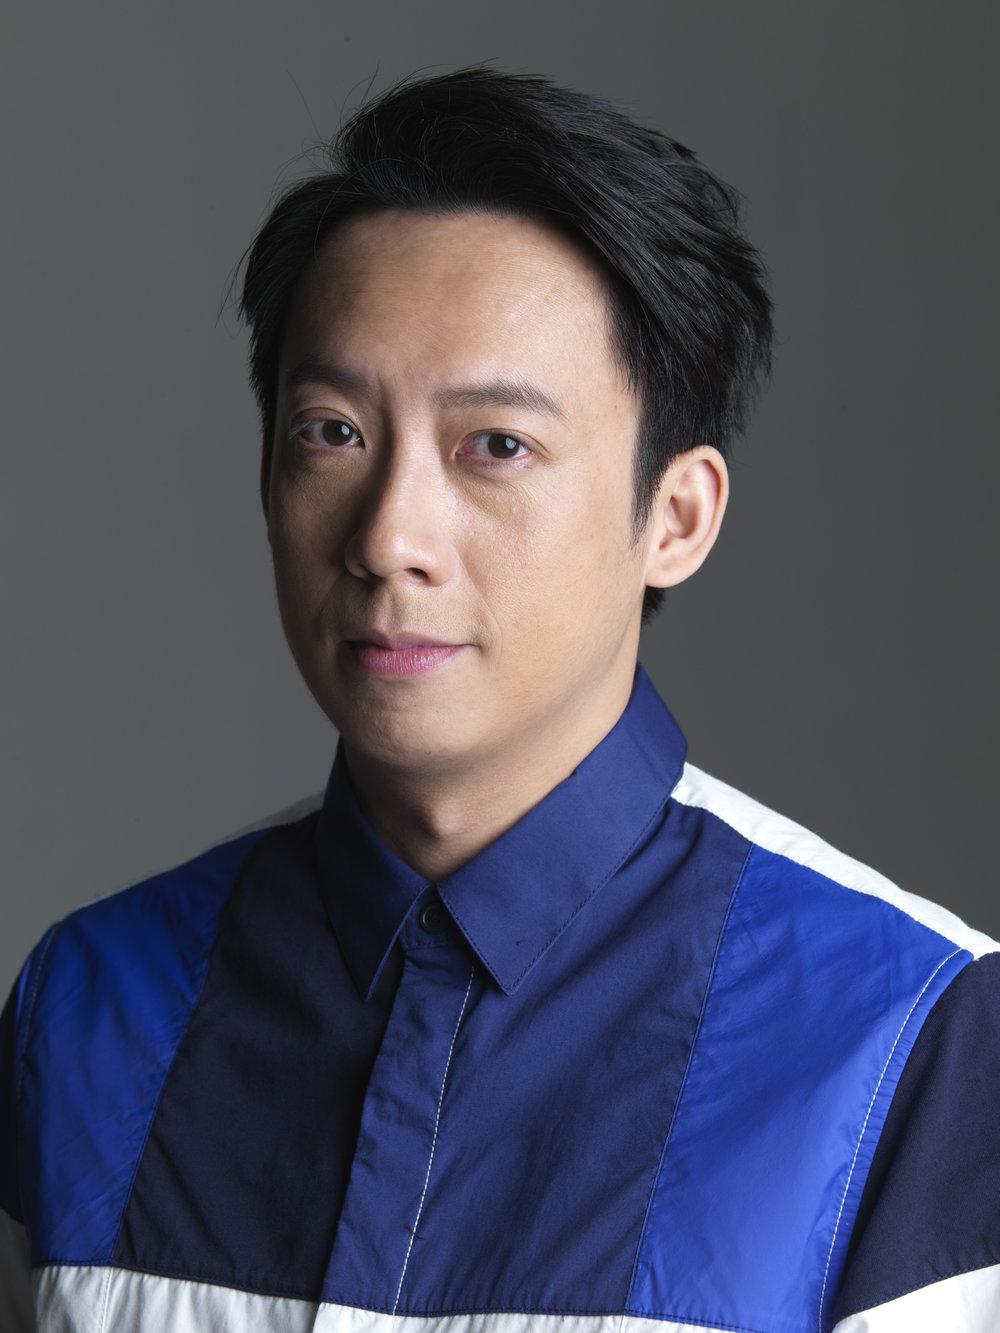 Director Fung Chih-chiang (Hong Kong)